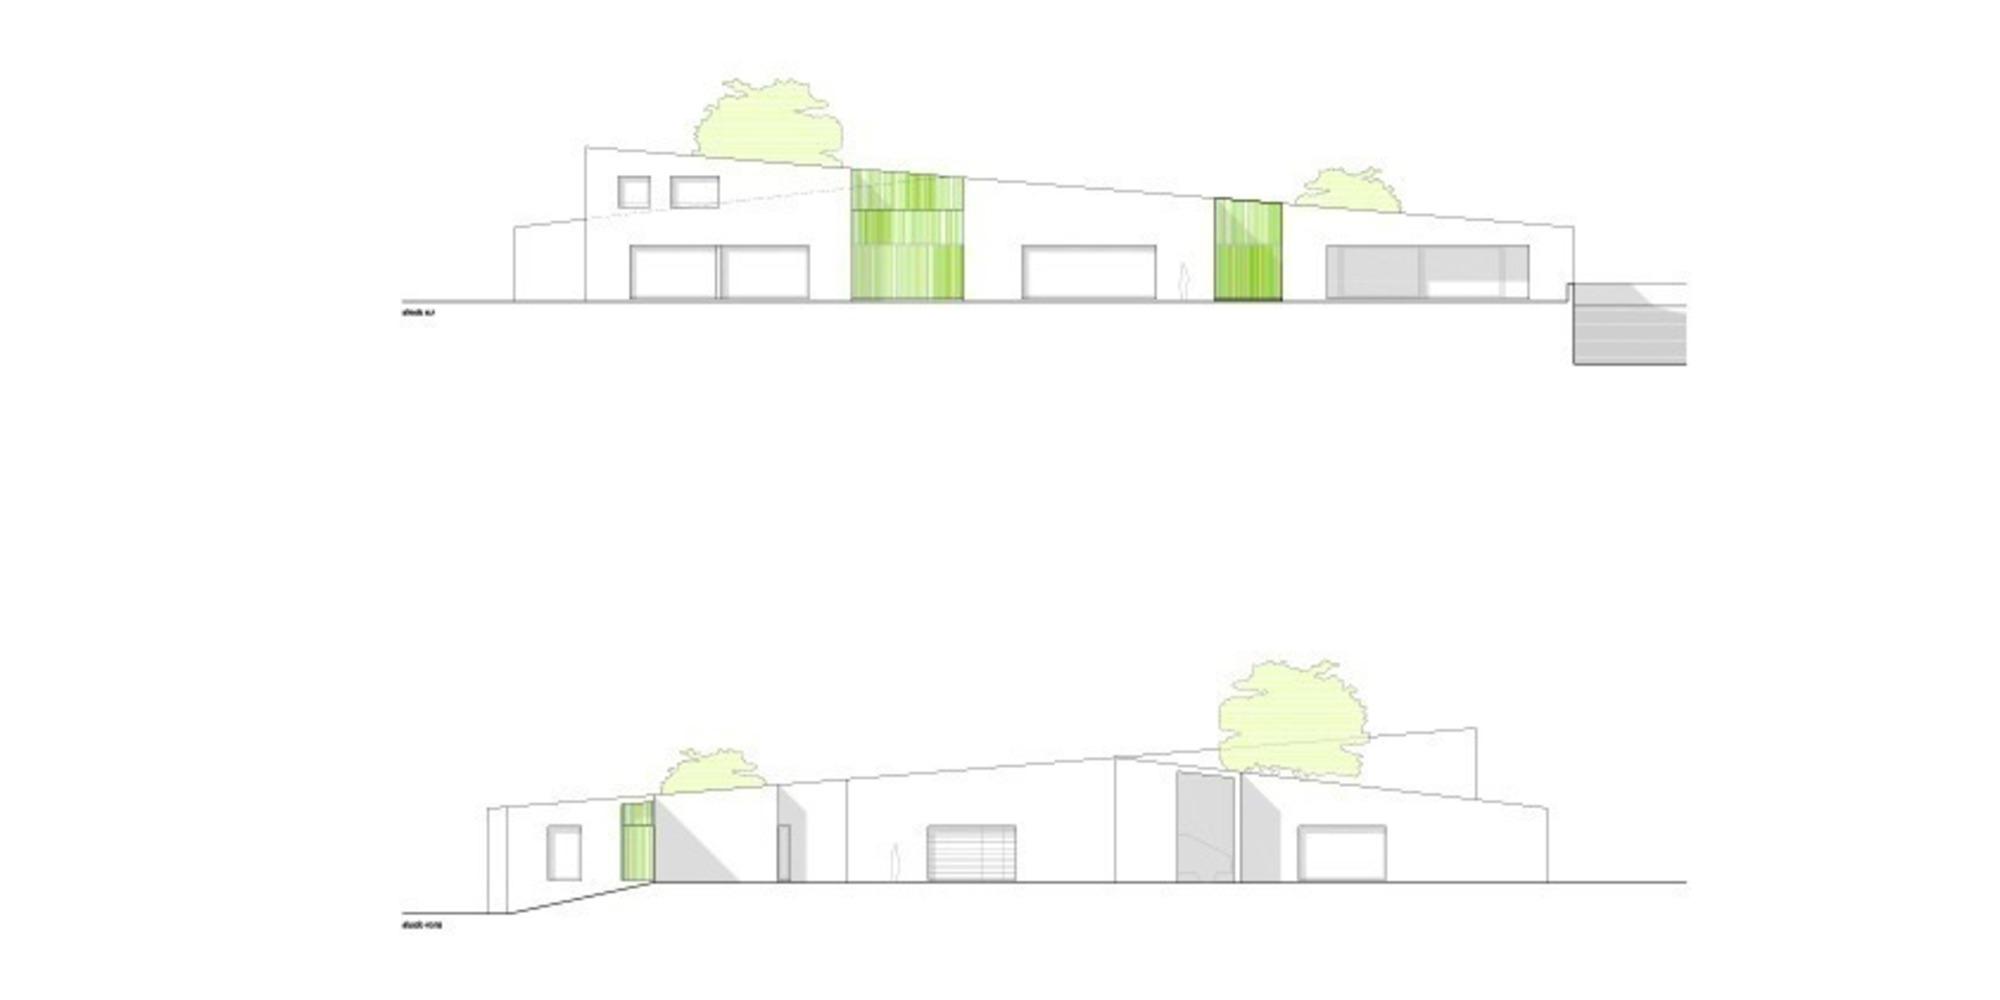 Proyecto Casa Caro diseño mano alzada